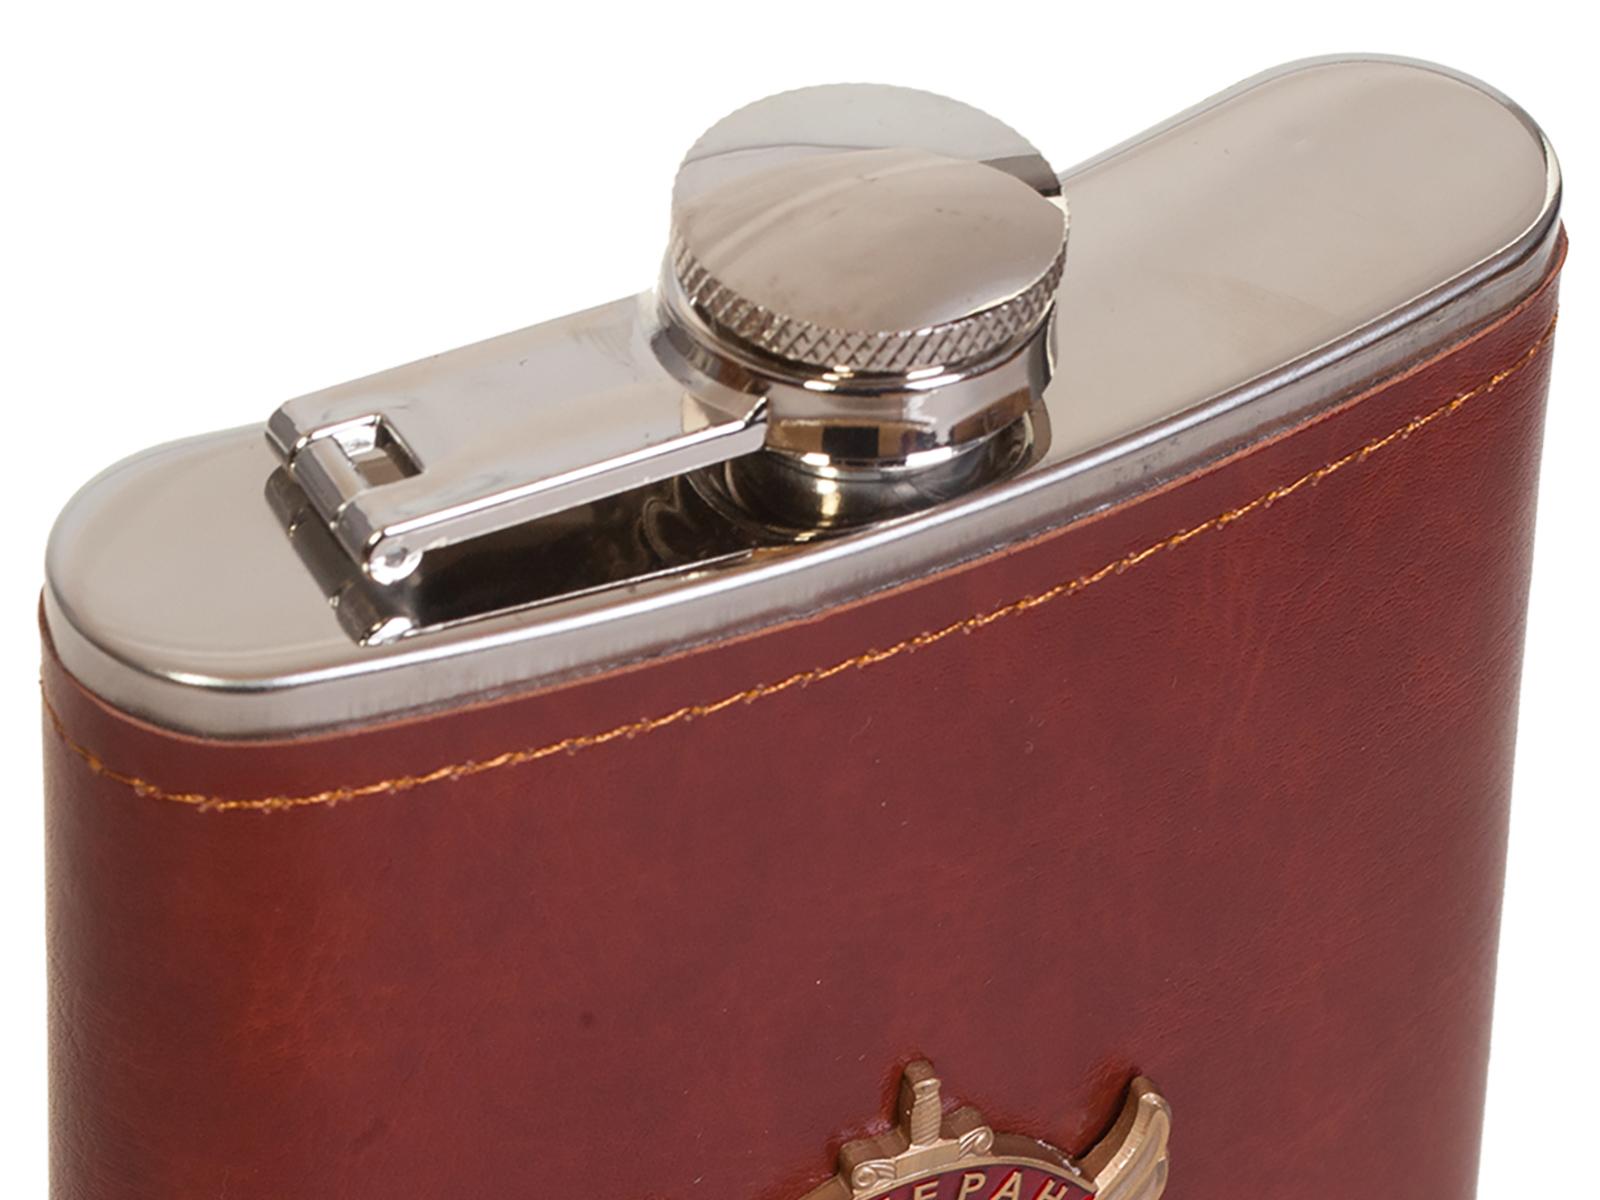 Надежная фляга в кожаной оплетке с накладкой Ветеран боевых действий - заказать в розницу